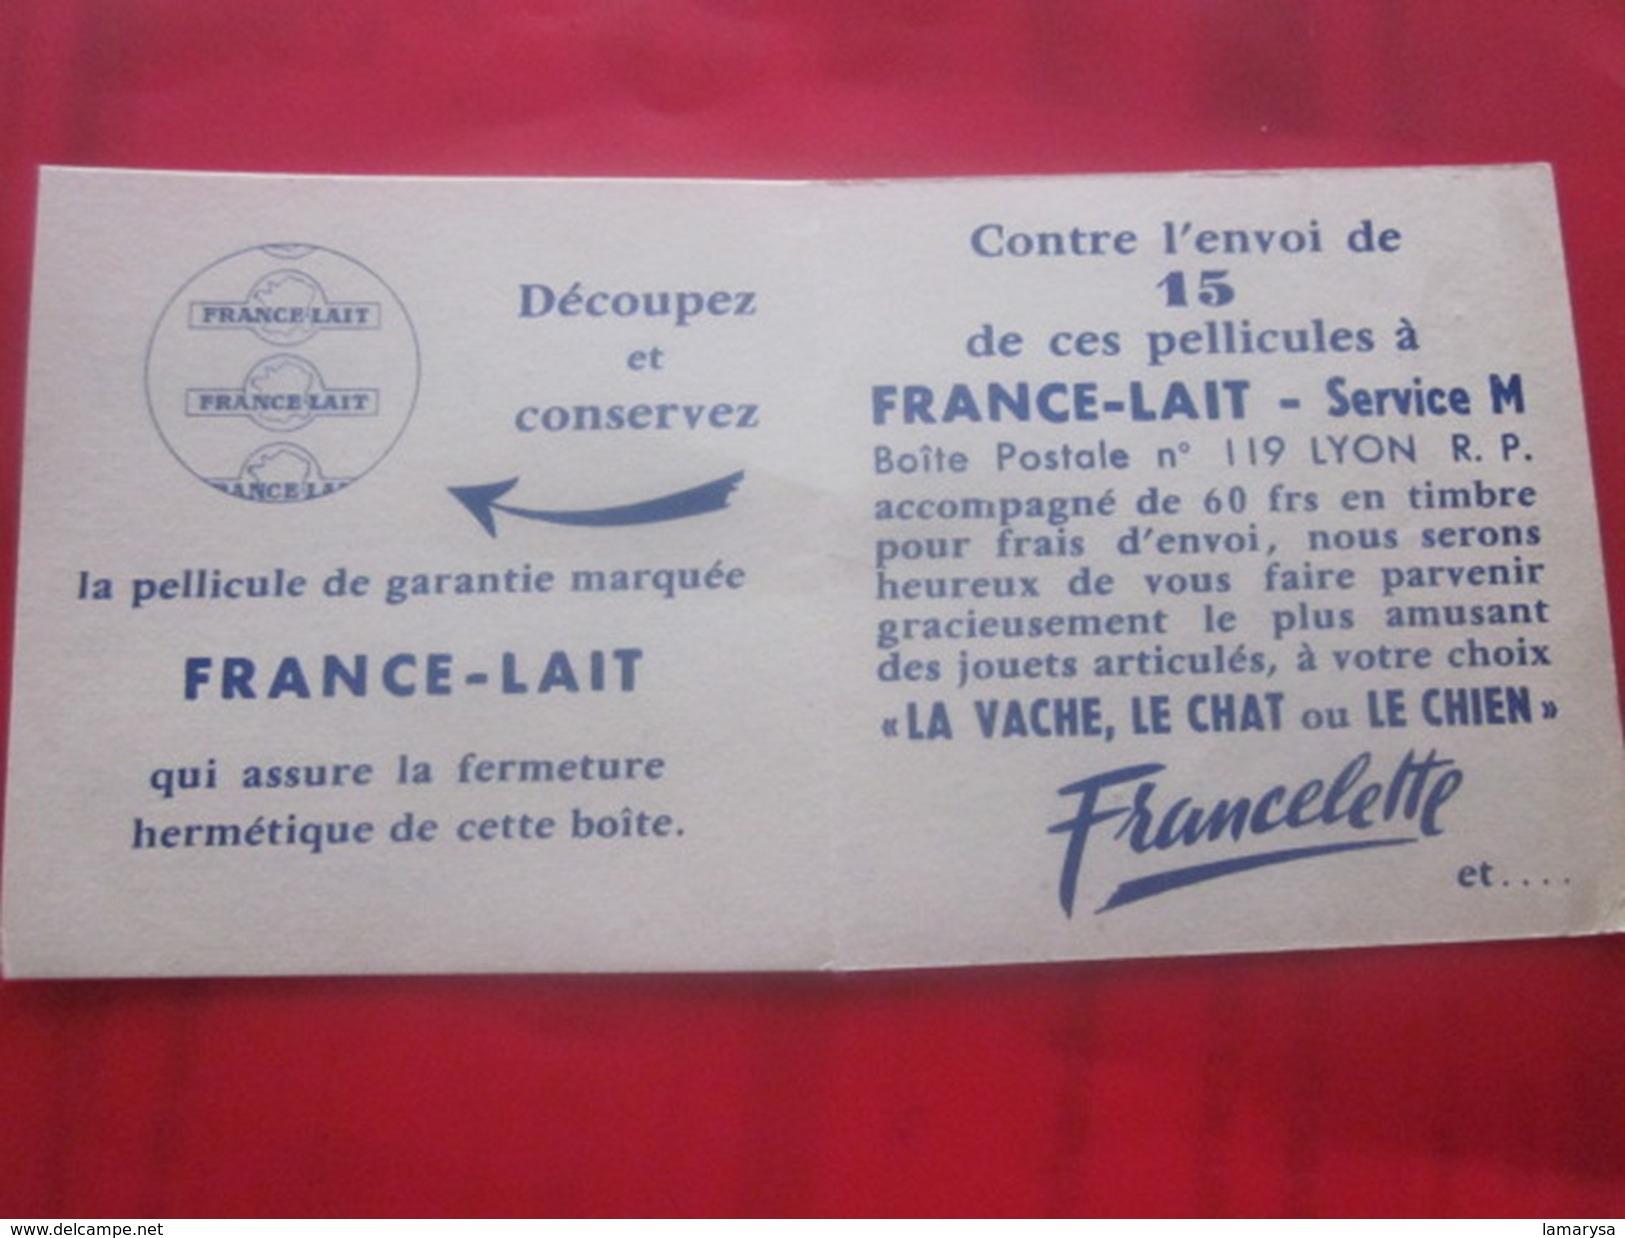 Publicité France-Lait Vachette Articulée Jeu Concours Vintage  Contre Envoi 15 Pellicules Lire R.V... - Publicités